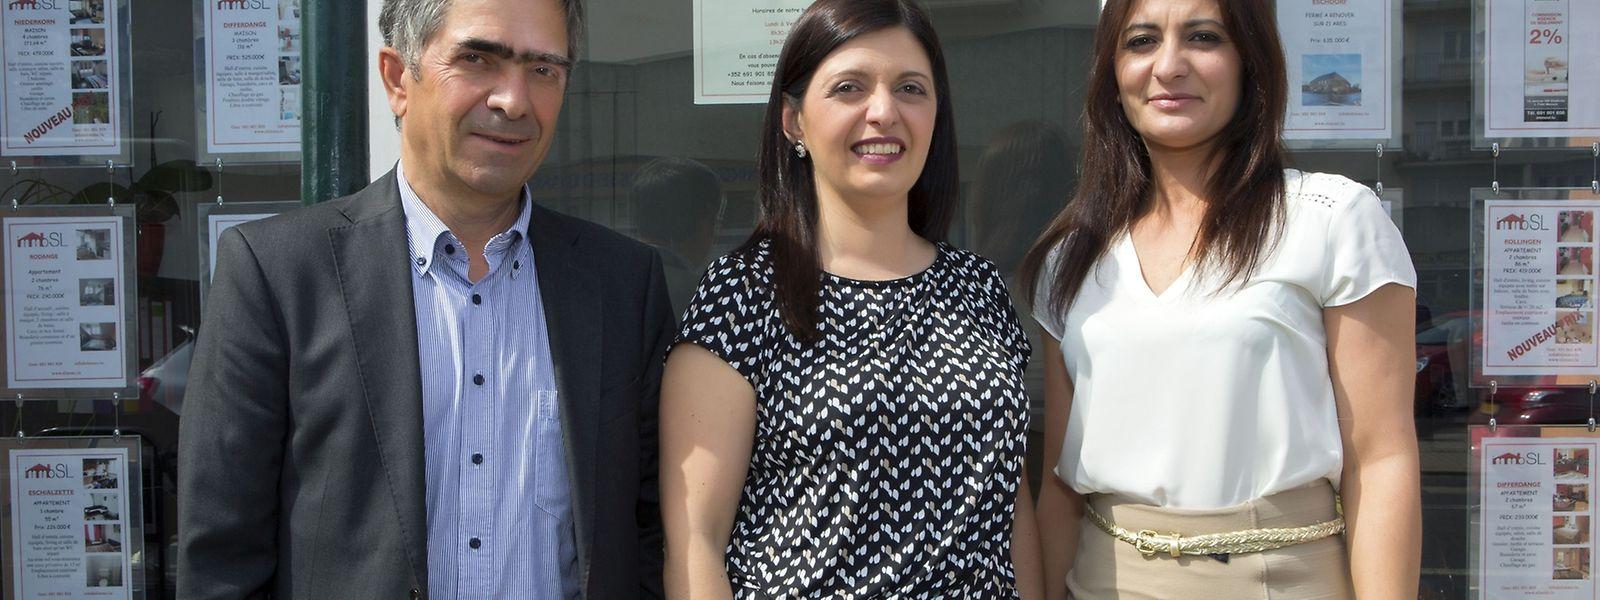 Ernesto Lopes, Sandra Lopes e Sónia Félix, a equipa portuguesa da IMMO SL.